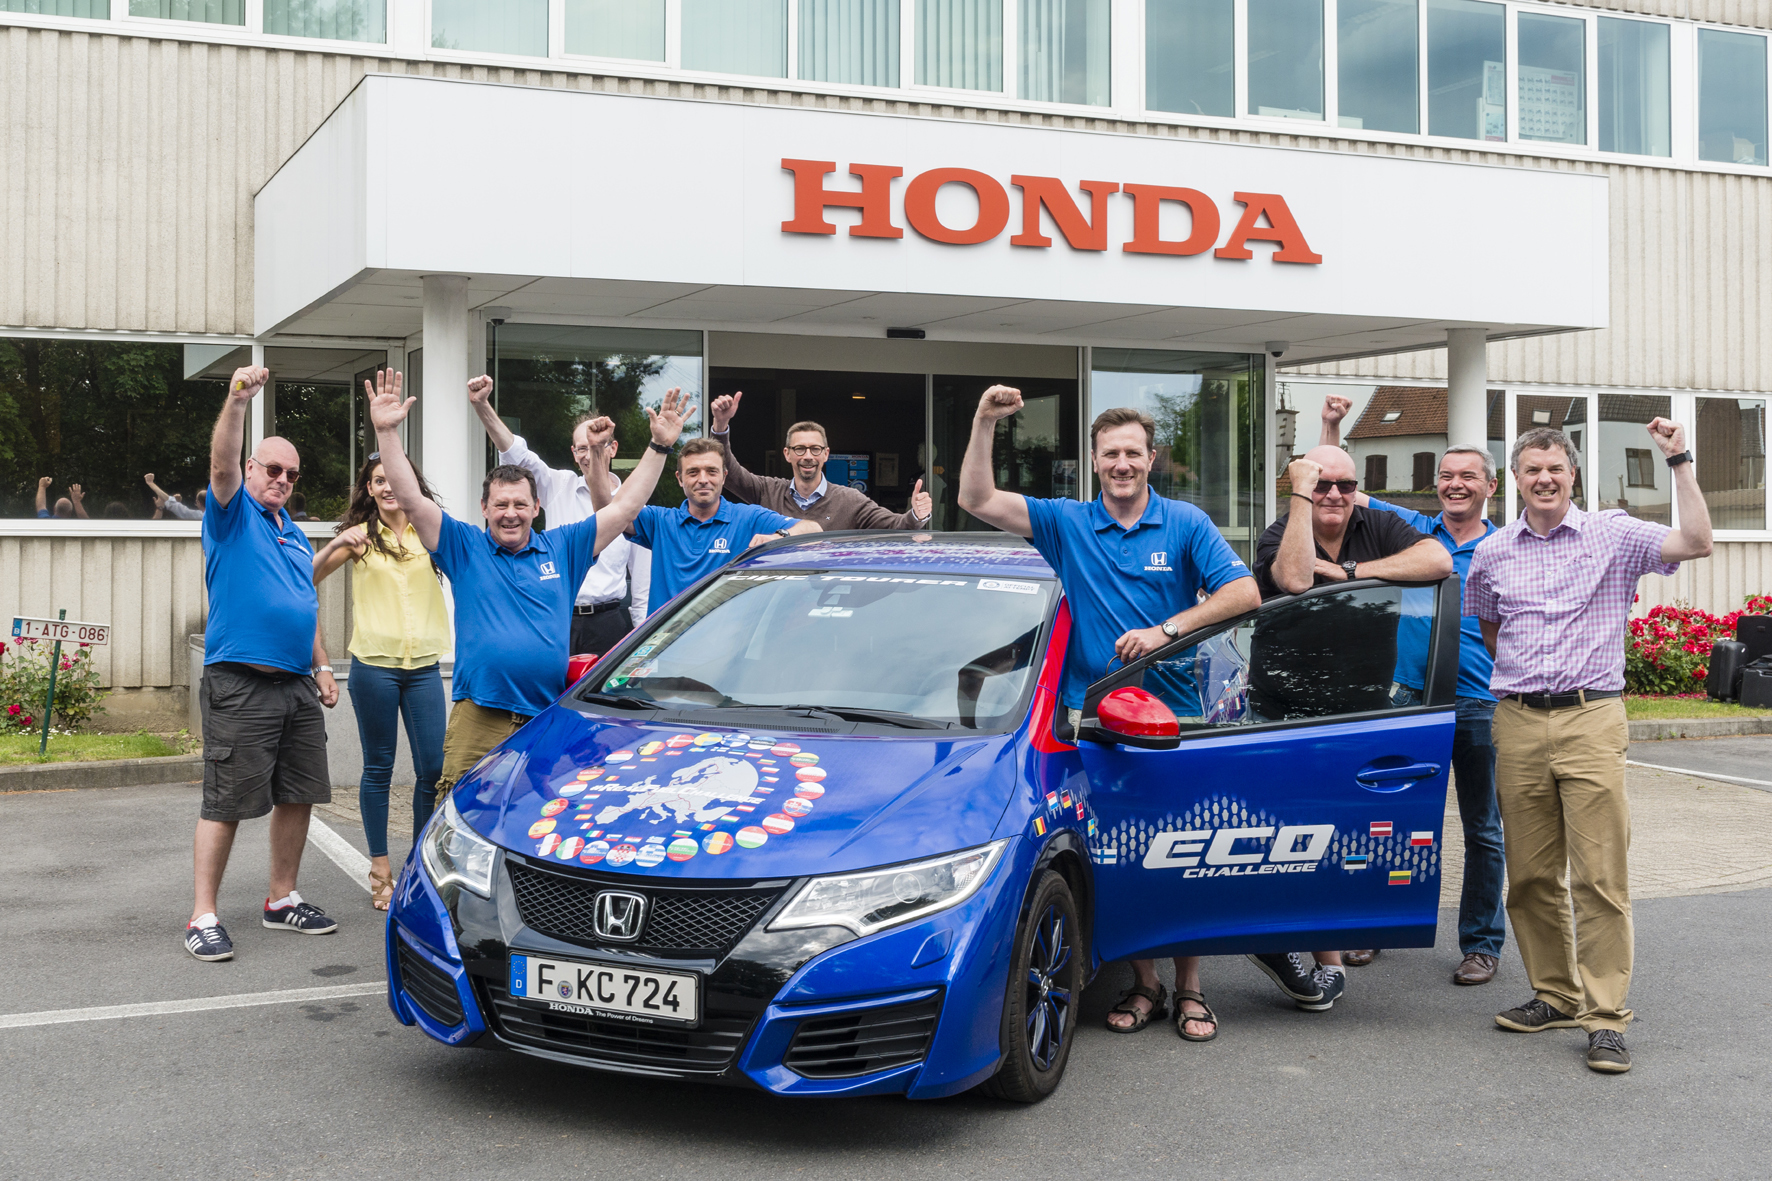 mid Düsseldorf - So sehen Sieger aus: Mit dem Civic Tourer bricht Honda einen Rekord in puncto Kraftstoffeffizienz.